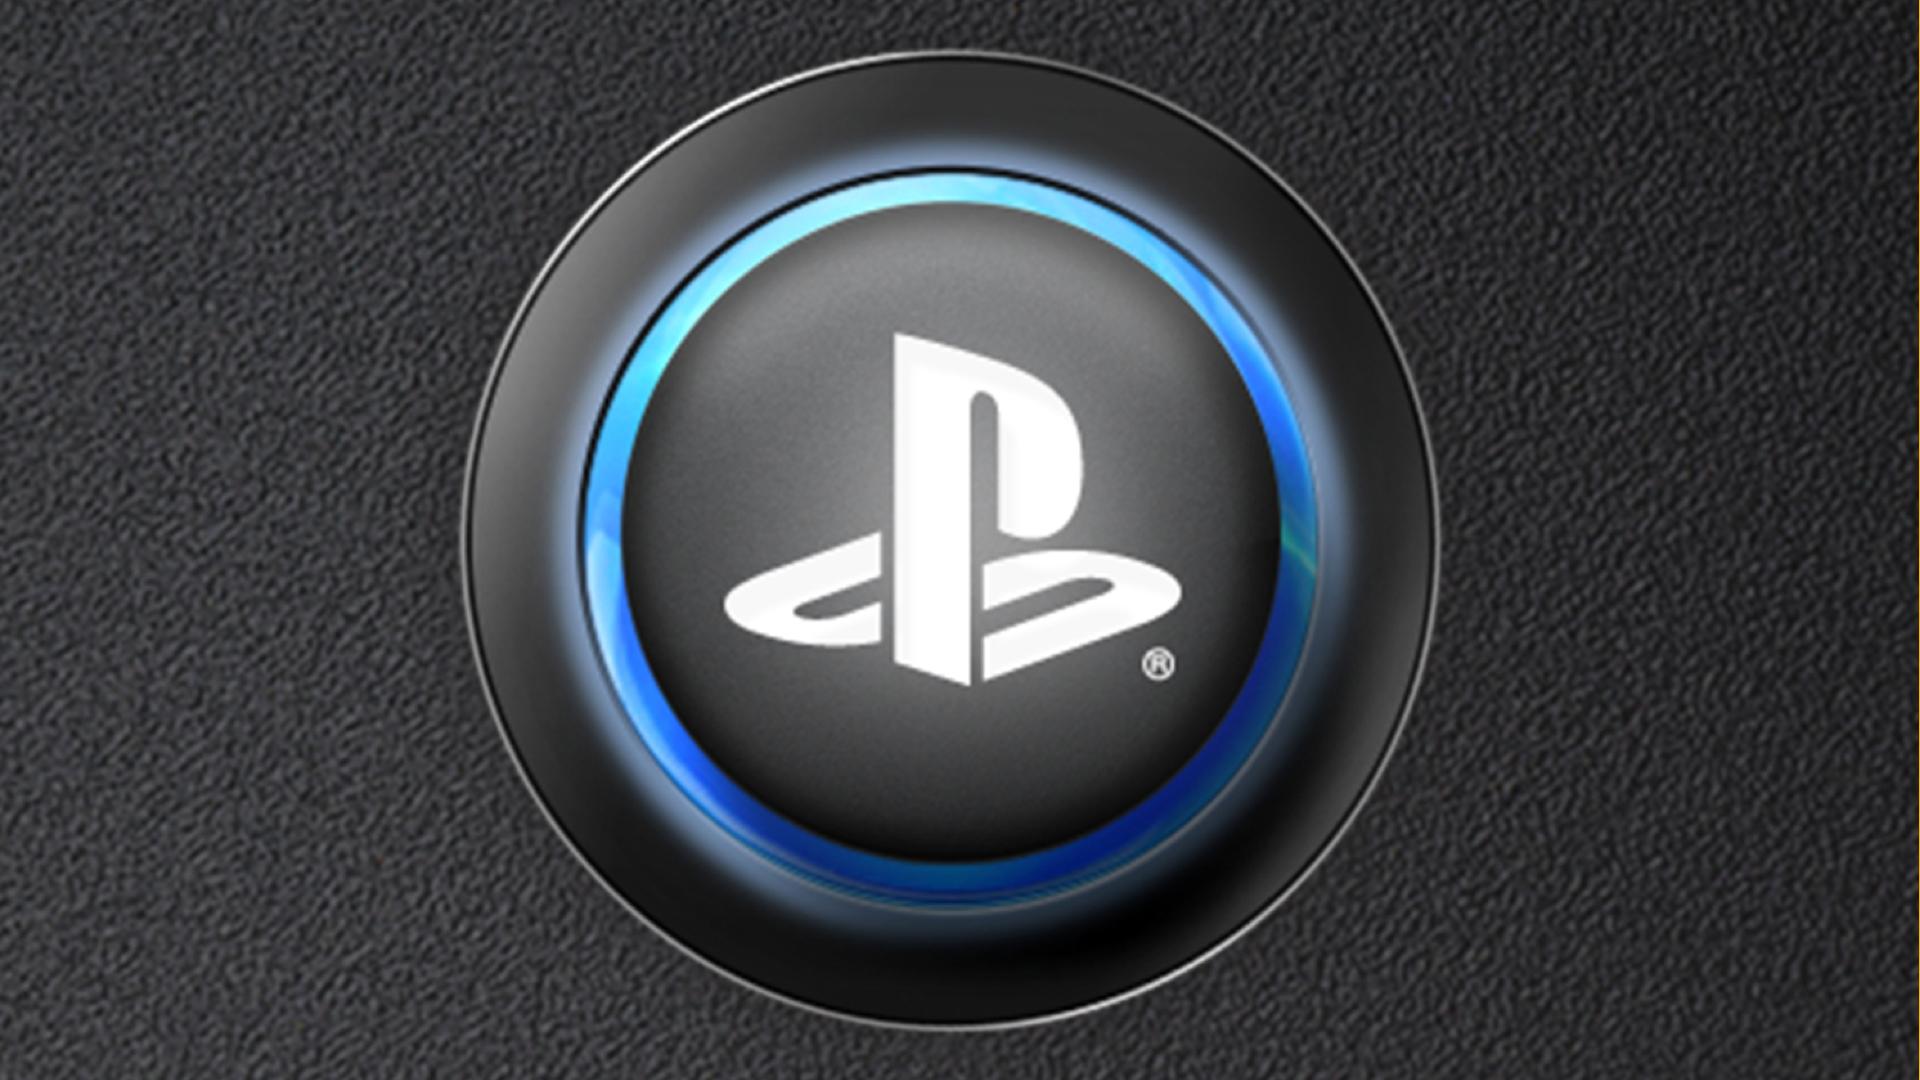 bkrenzer_BigImages_Playstation_190524_v1.jpg